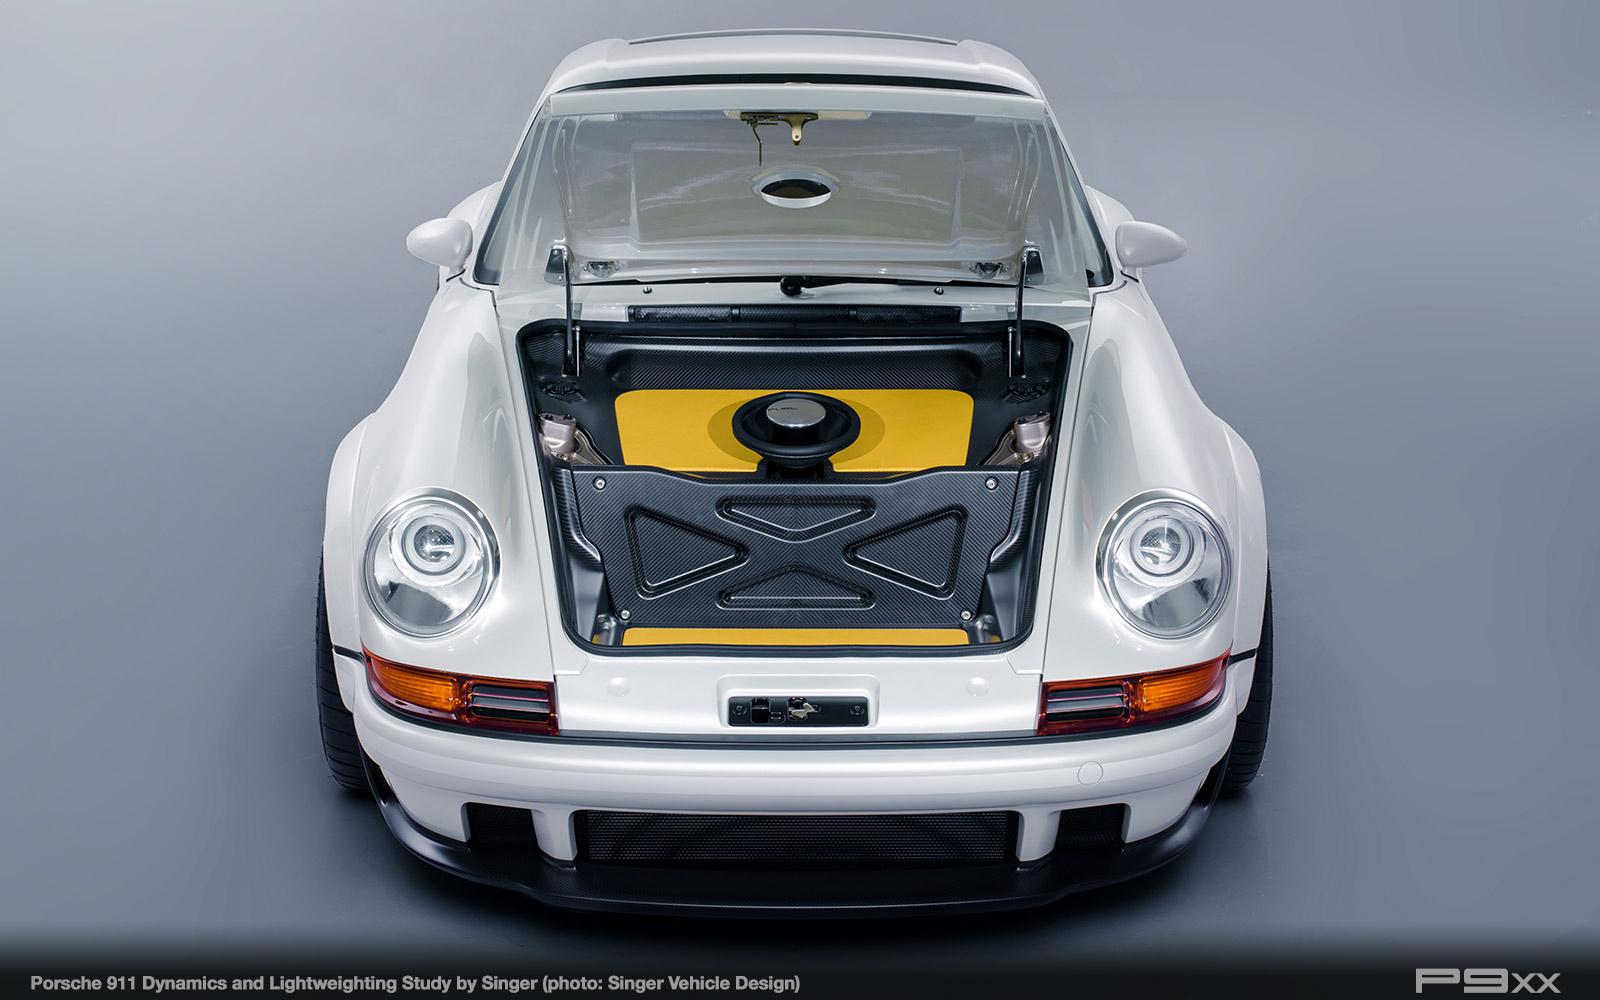 Singer-DLS-Porsche-911-291